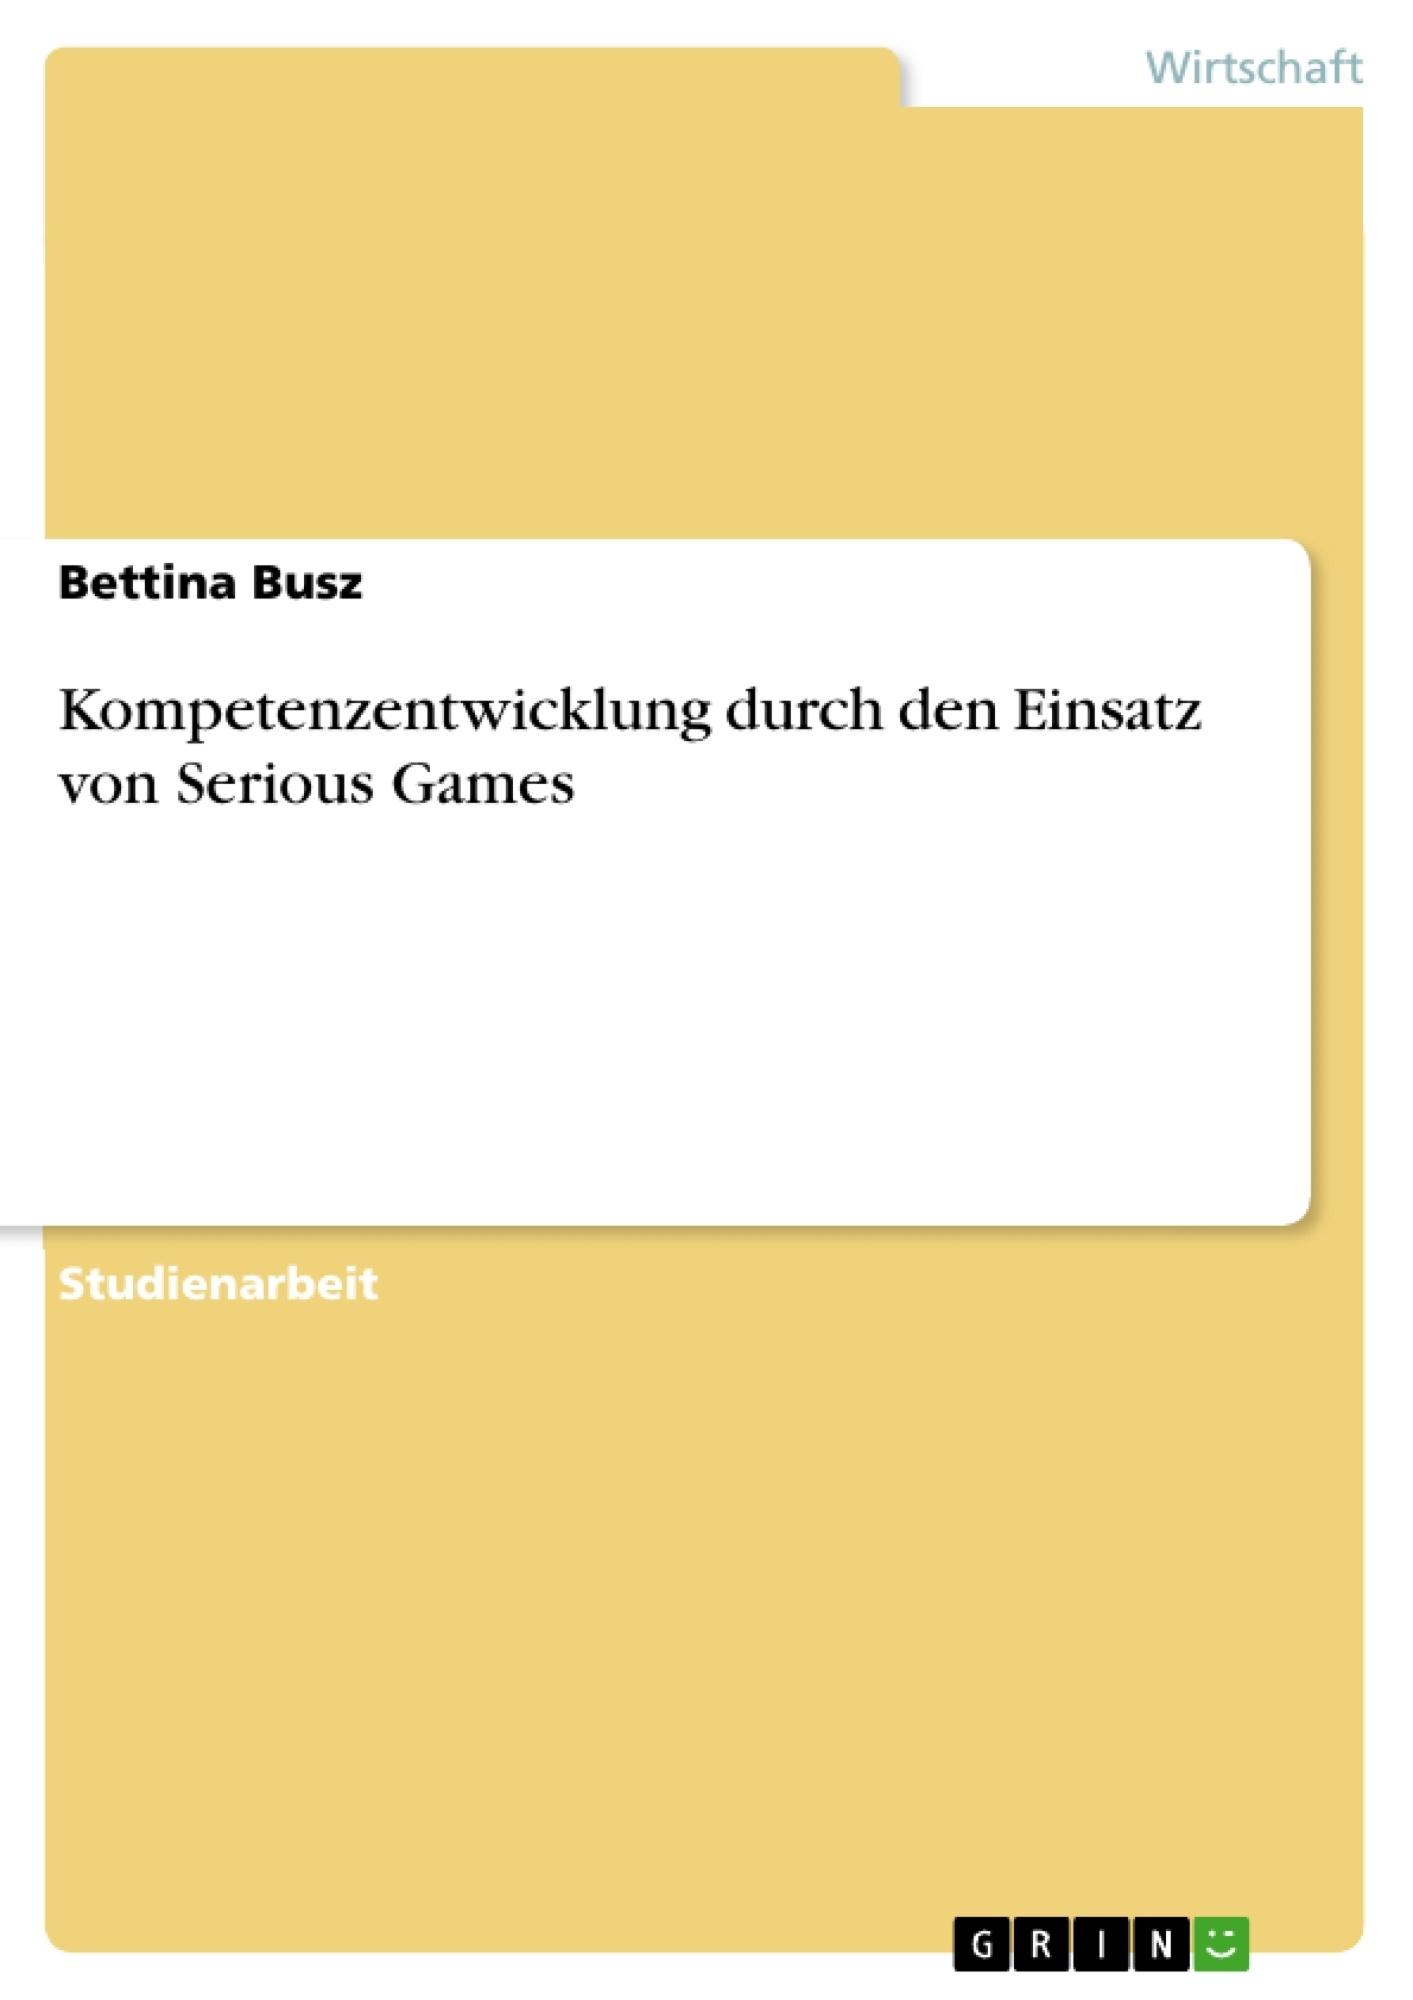 Titel: Kompetenzentwicklung durch den Einsatz von Serious Games